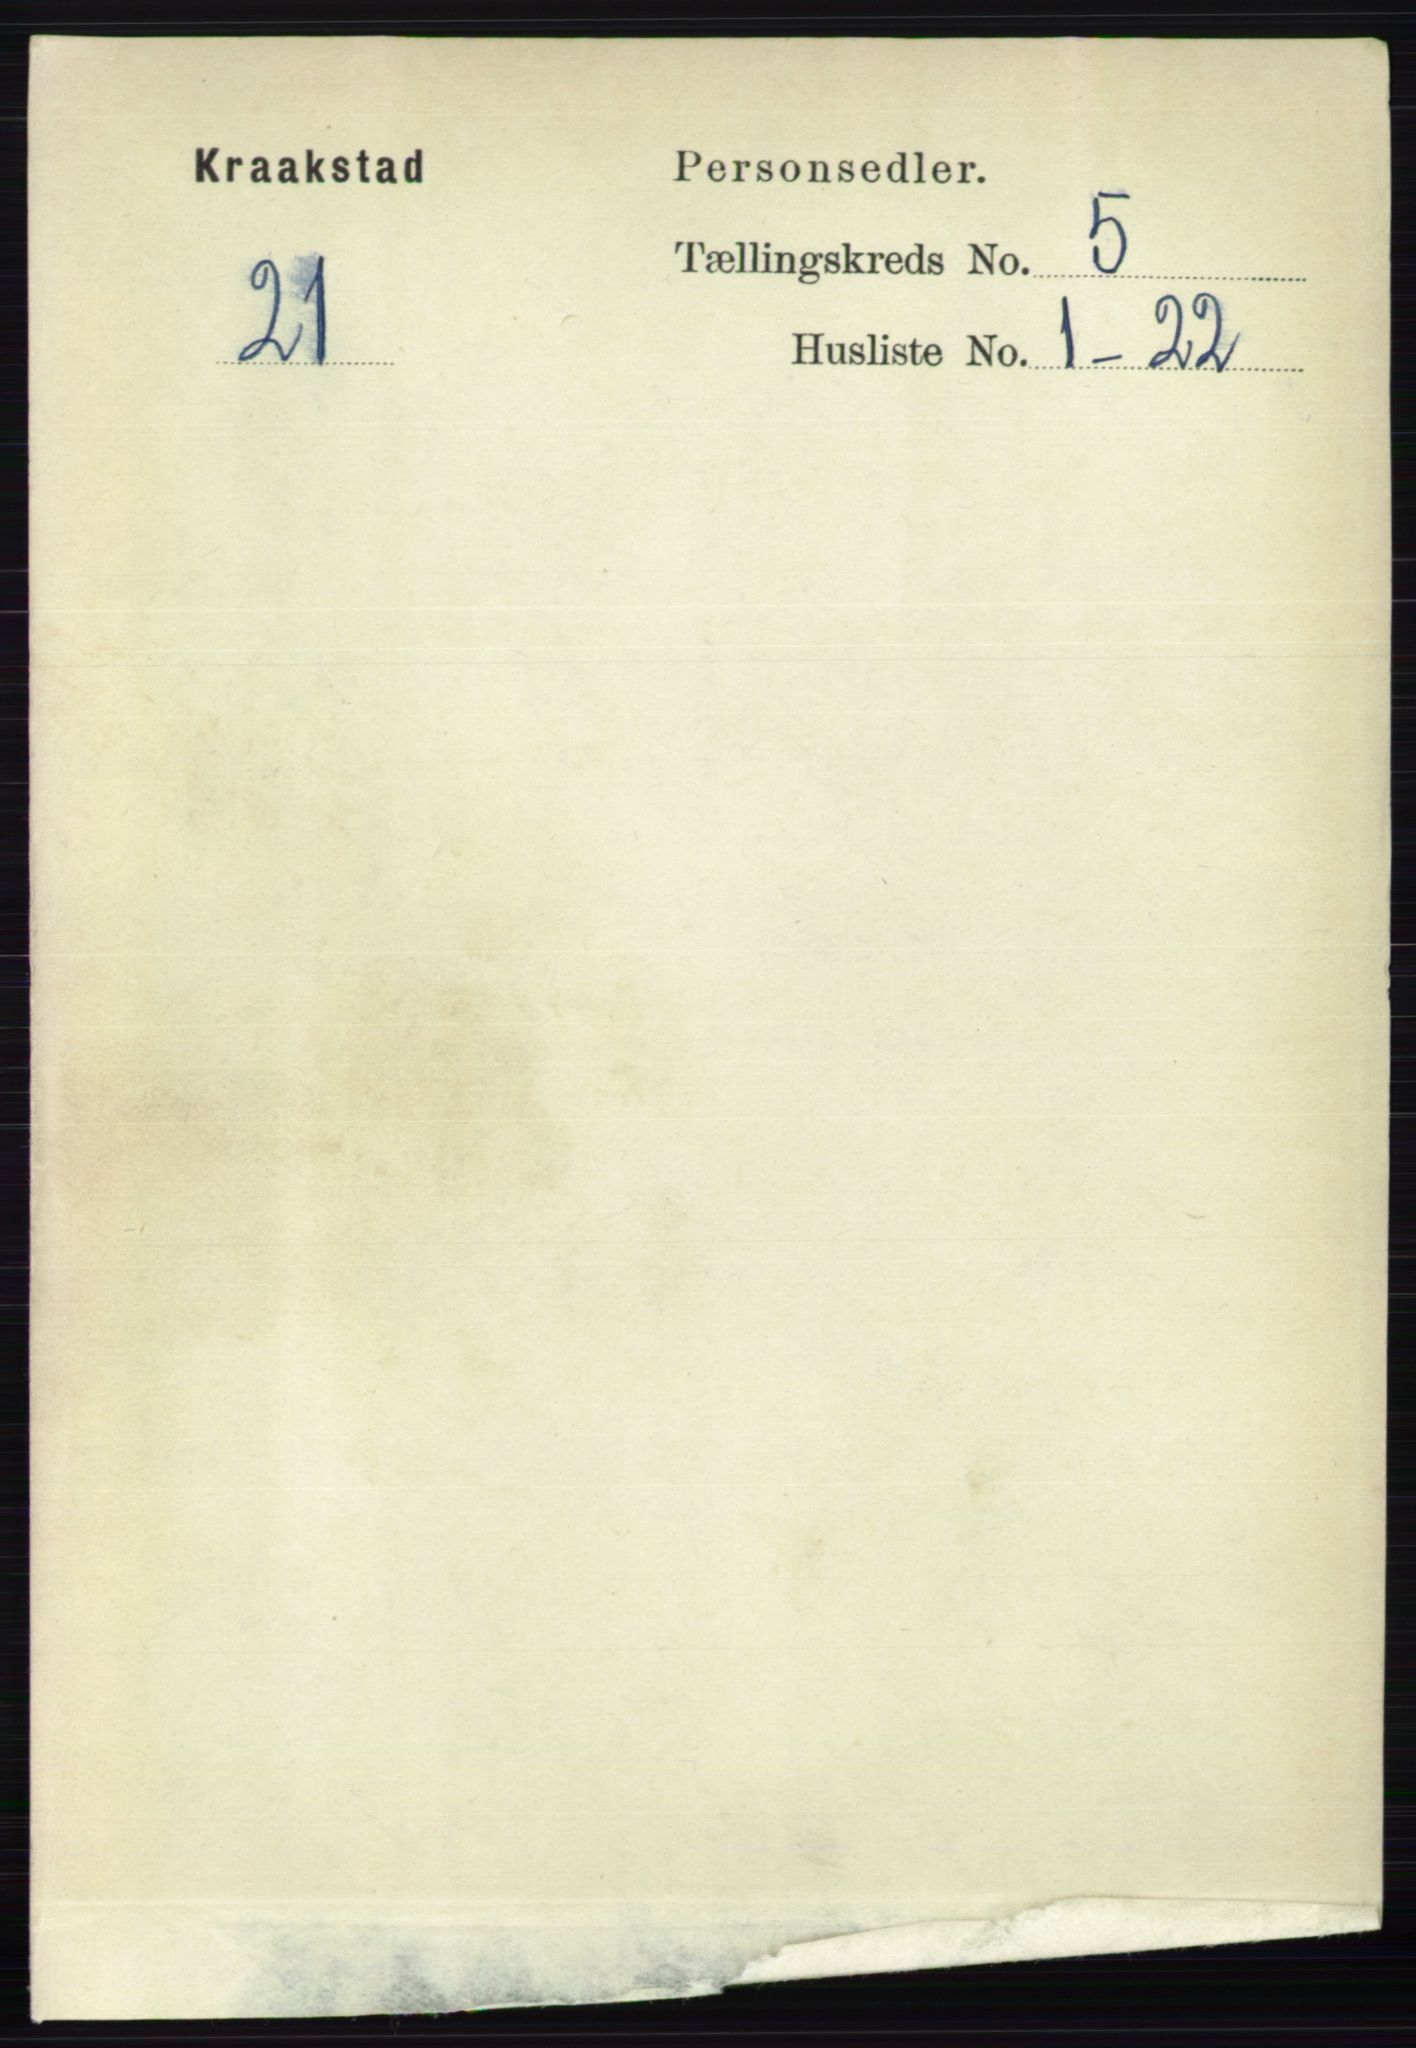 RA, Folketelling 1891 for 0212 Kråkstad herred, 1891, s. 2484